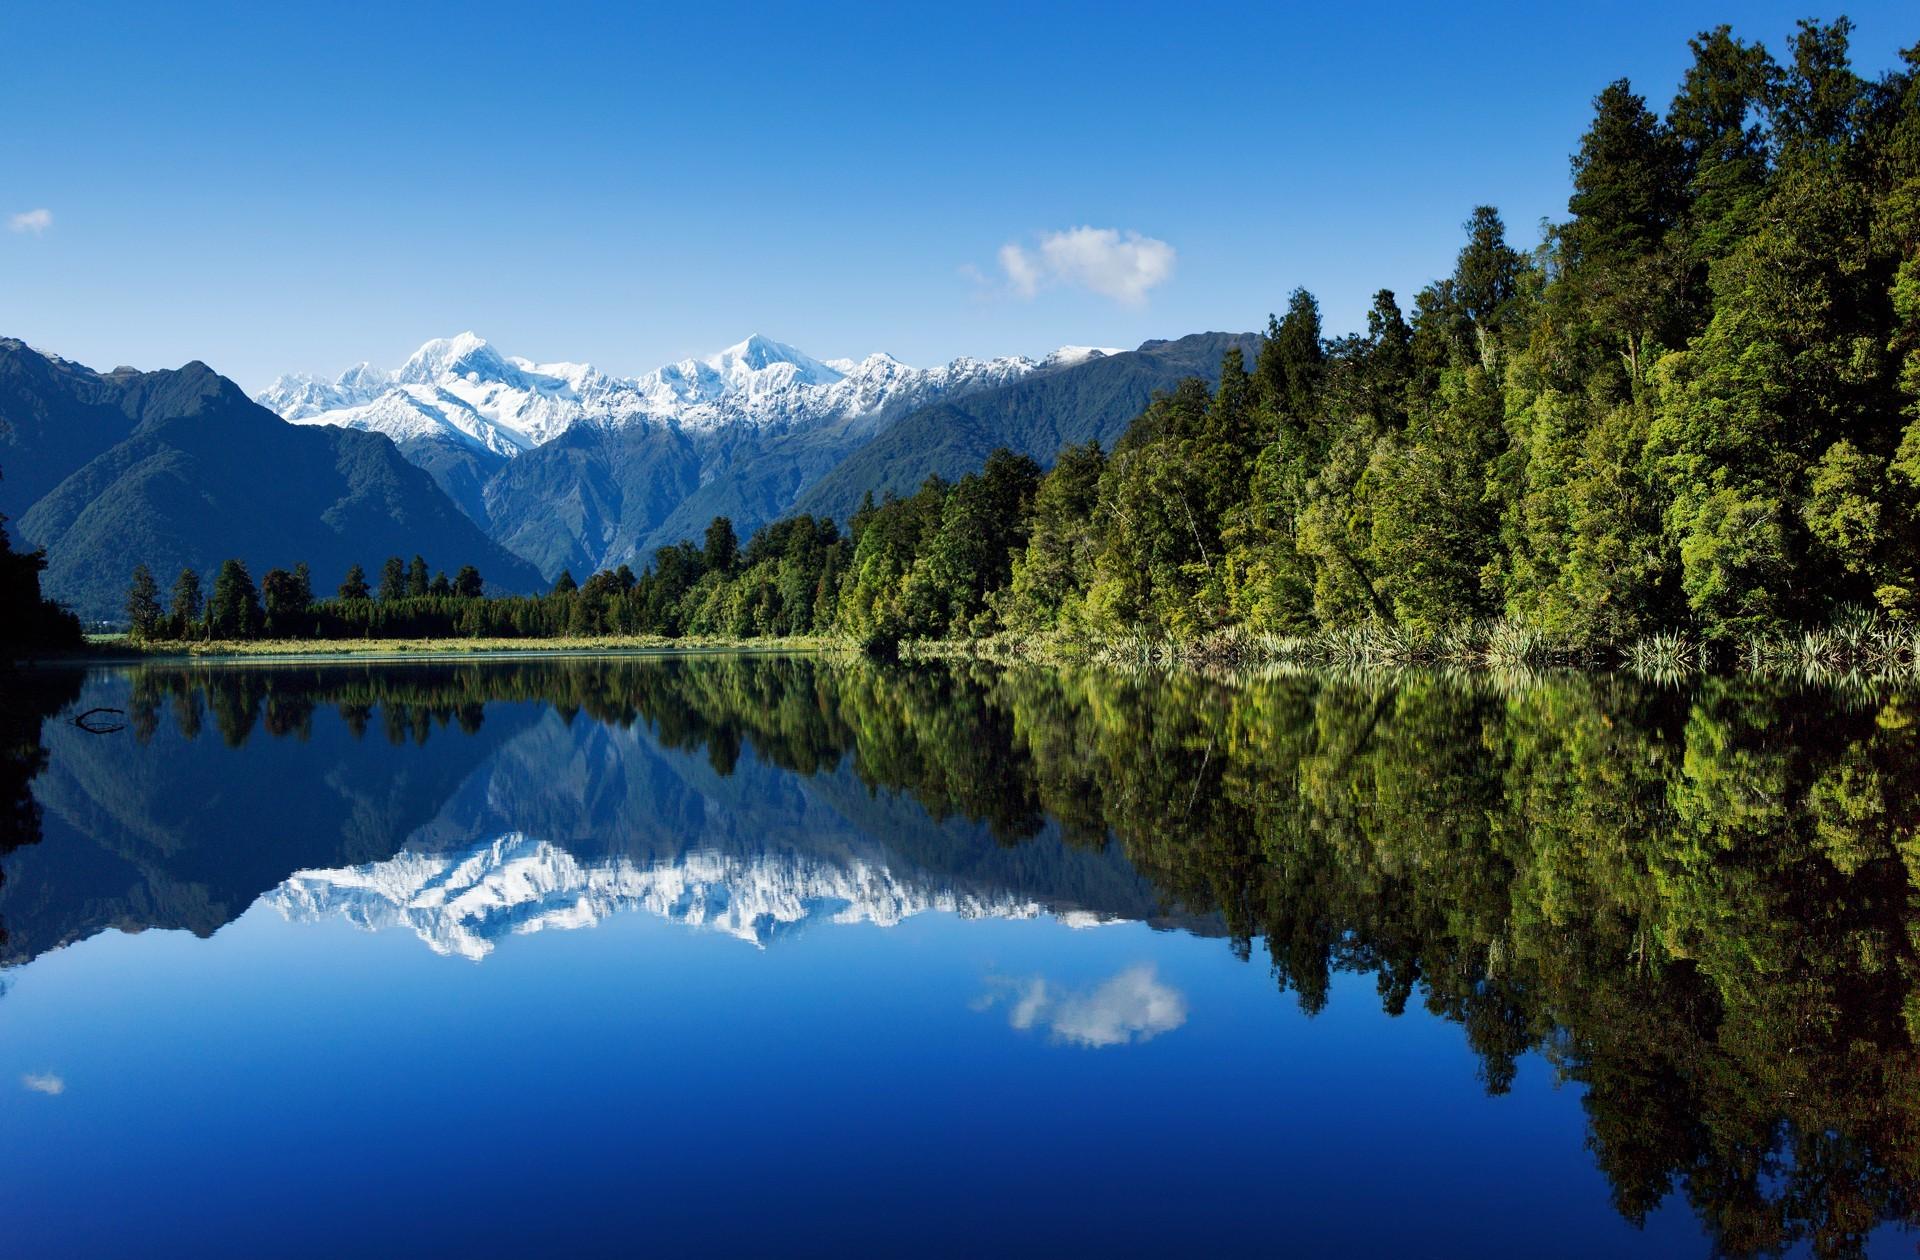 Beautiful mirror lake